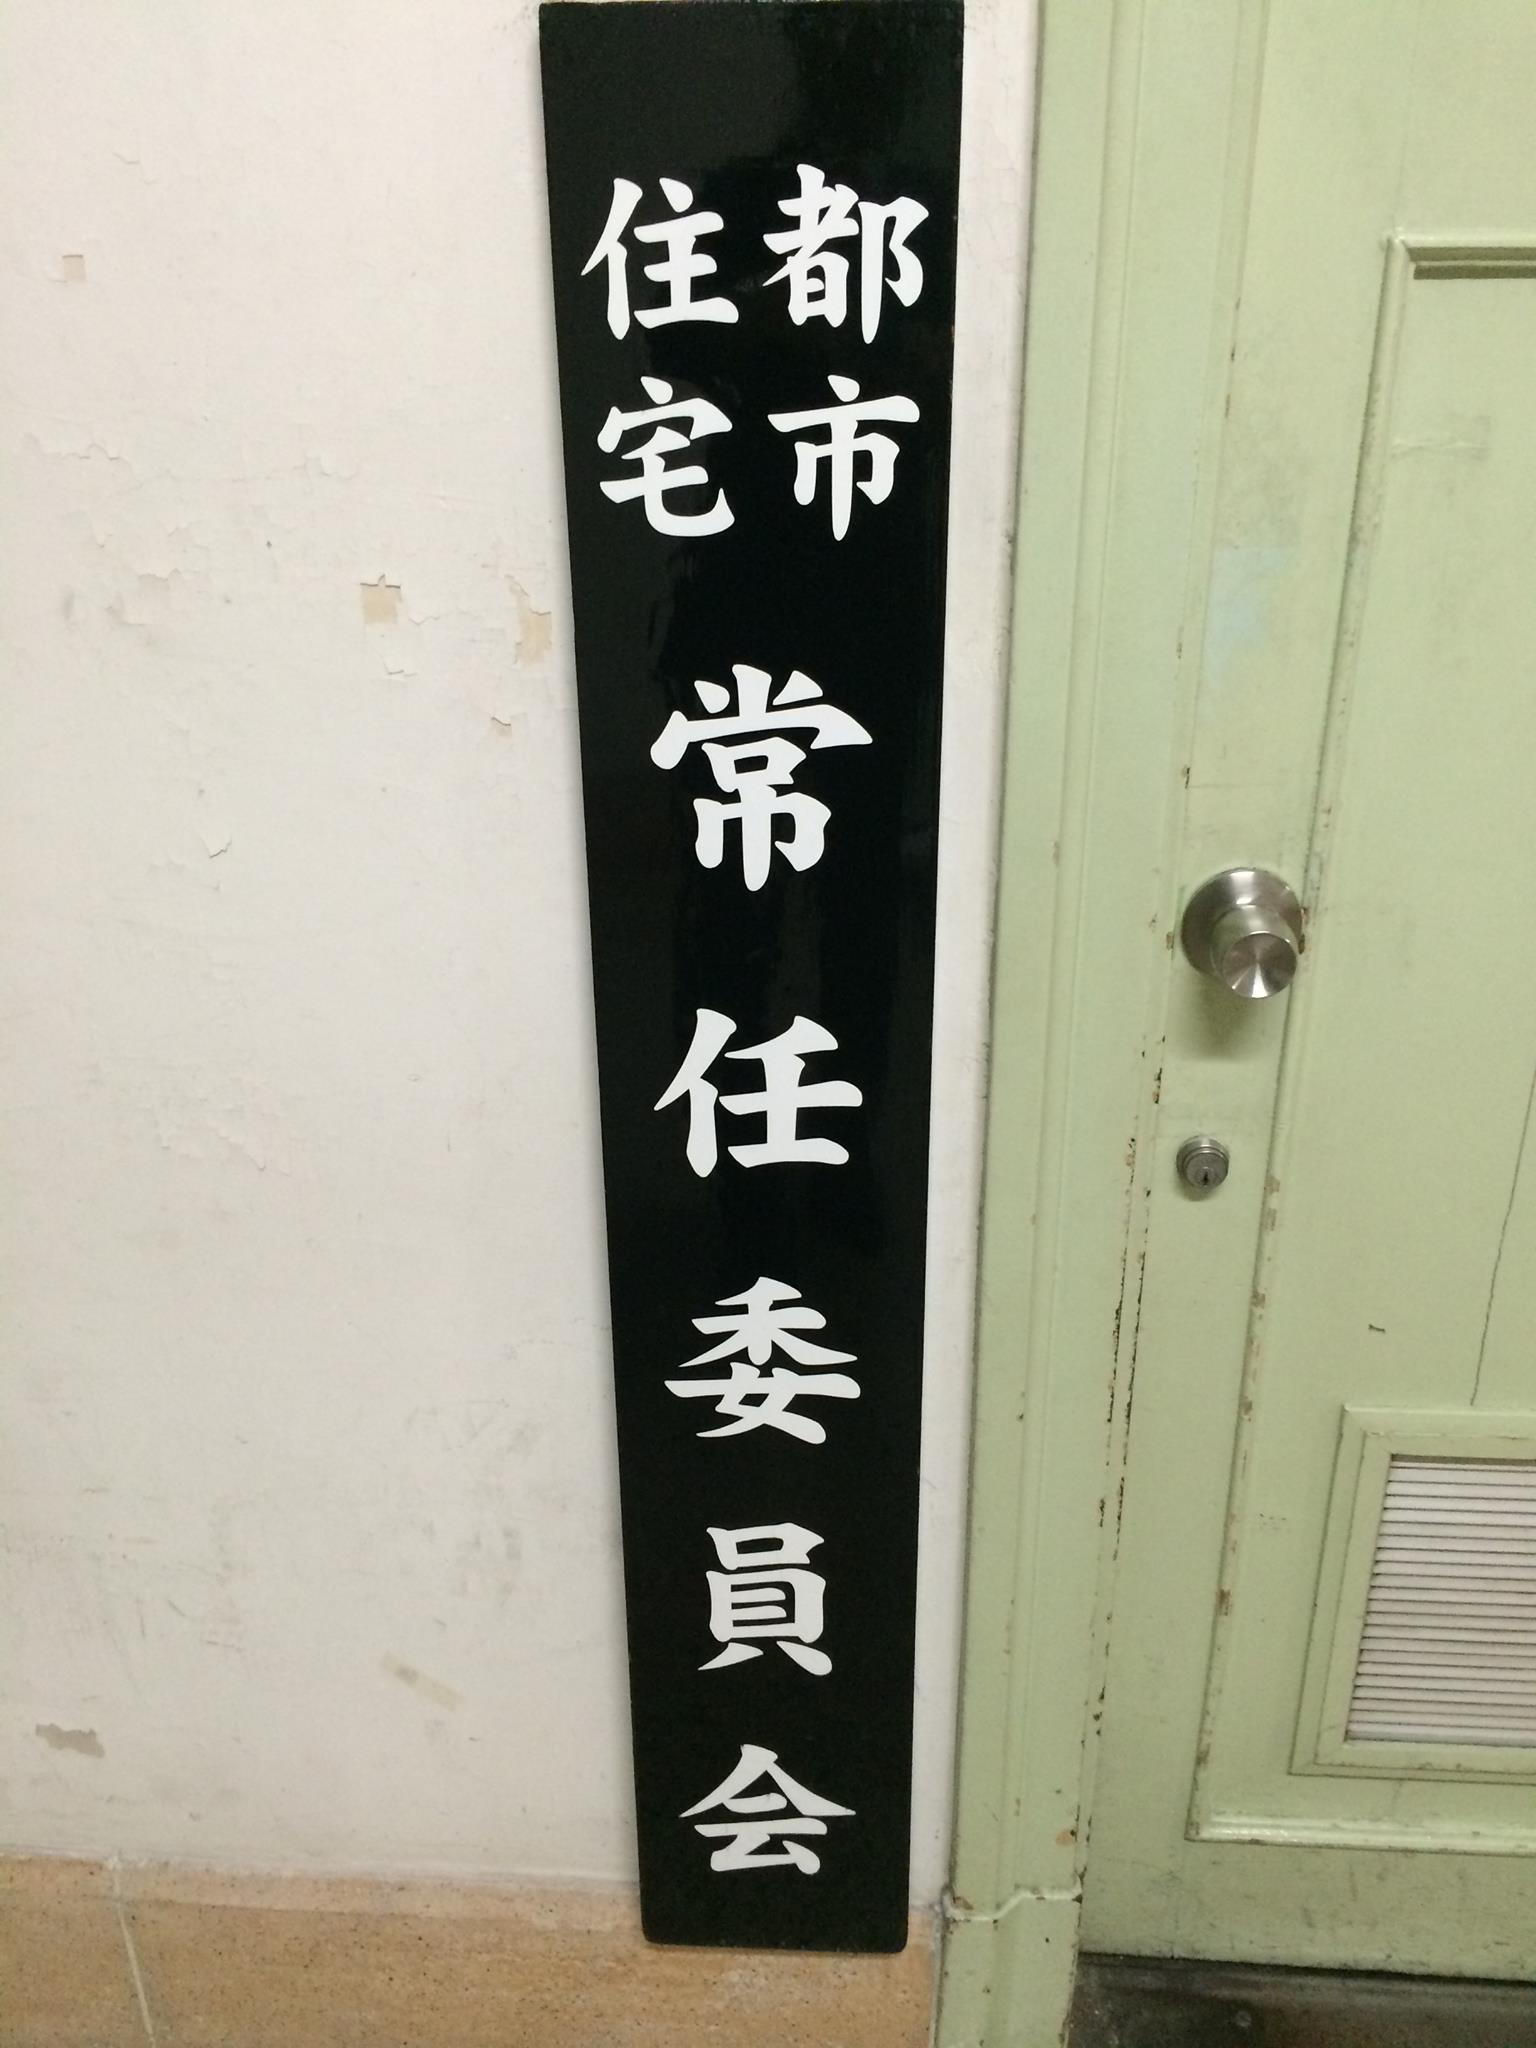 大阪府議会都市住宅常任委員会